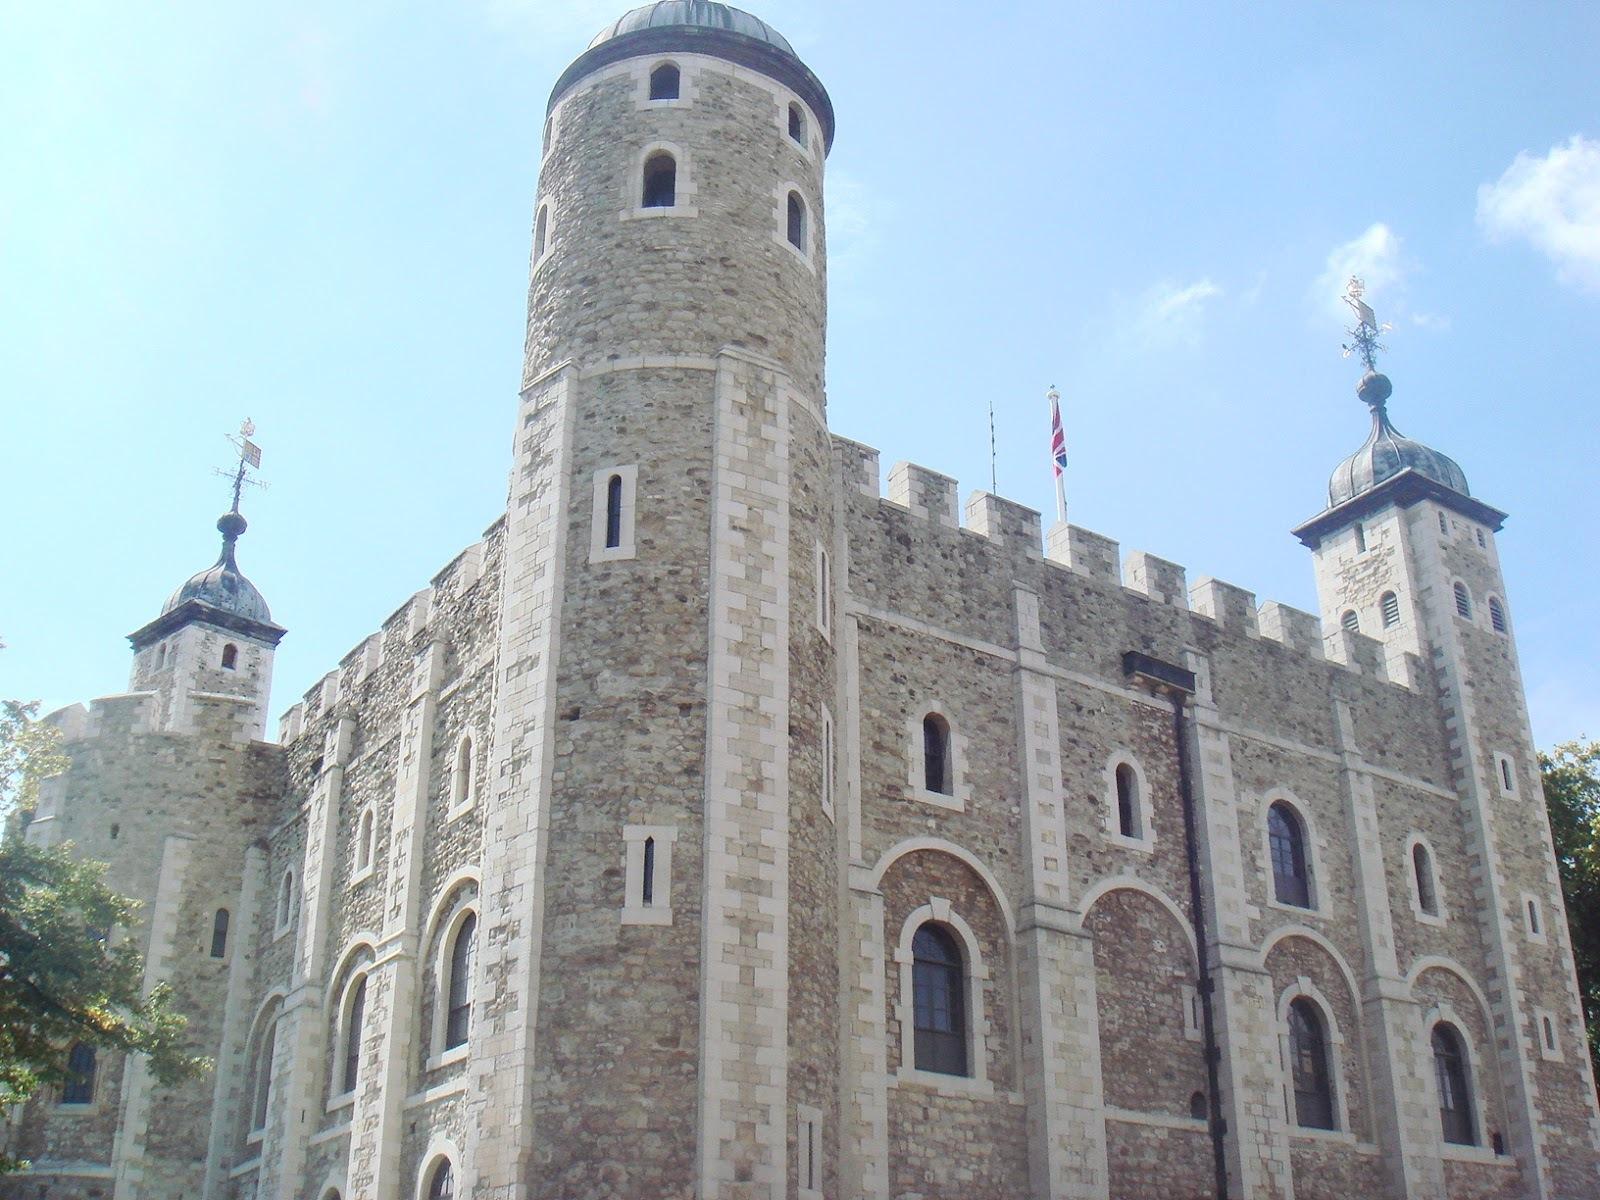 знаменитая Белая башня Великобритания Лондон